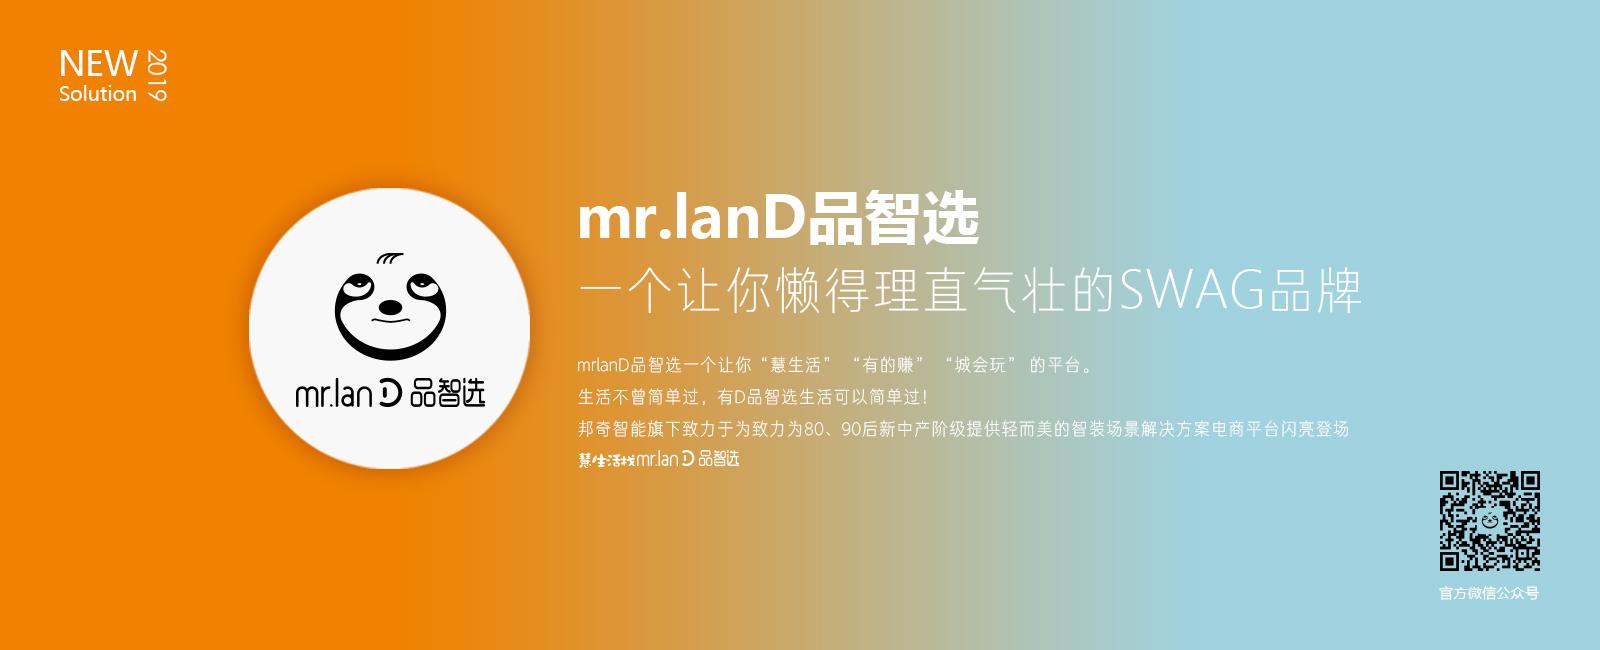 邦奇智能旗下mr.lanD品智选,一个让你懒得理直气壮的swag品牌!